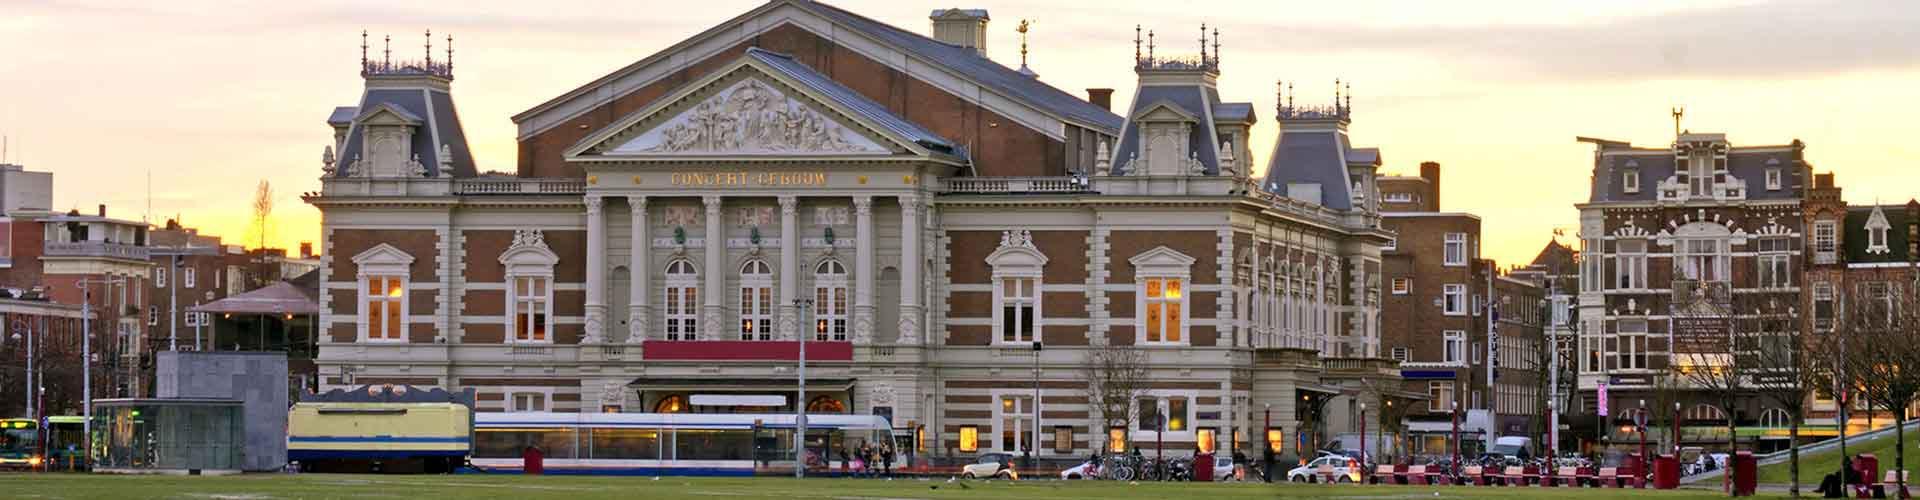 Amsterdam - Auberges de jeunesse près de Concertgebouw. Cartes pour Amsterdam, photos et commentaires pour chaque auberge de jeunesse à Amsterdam.